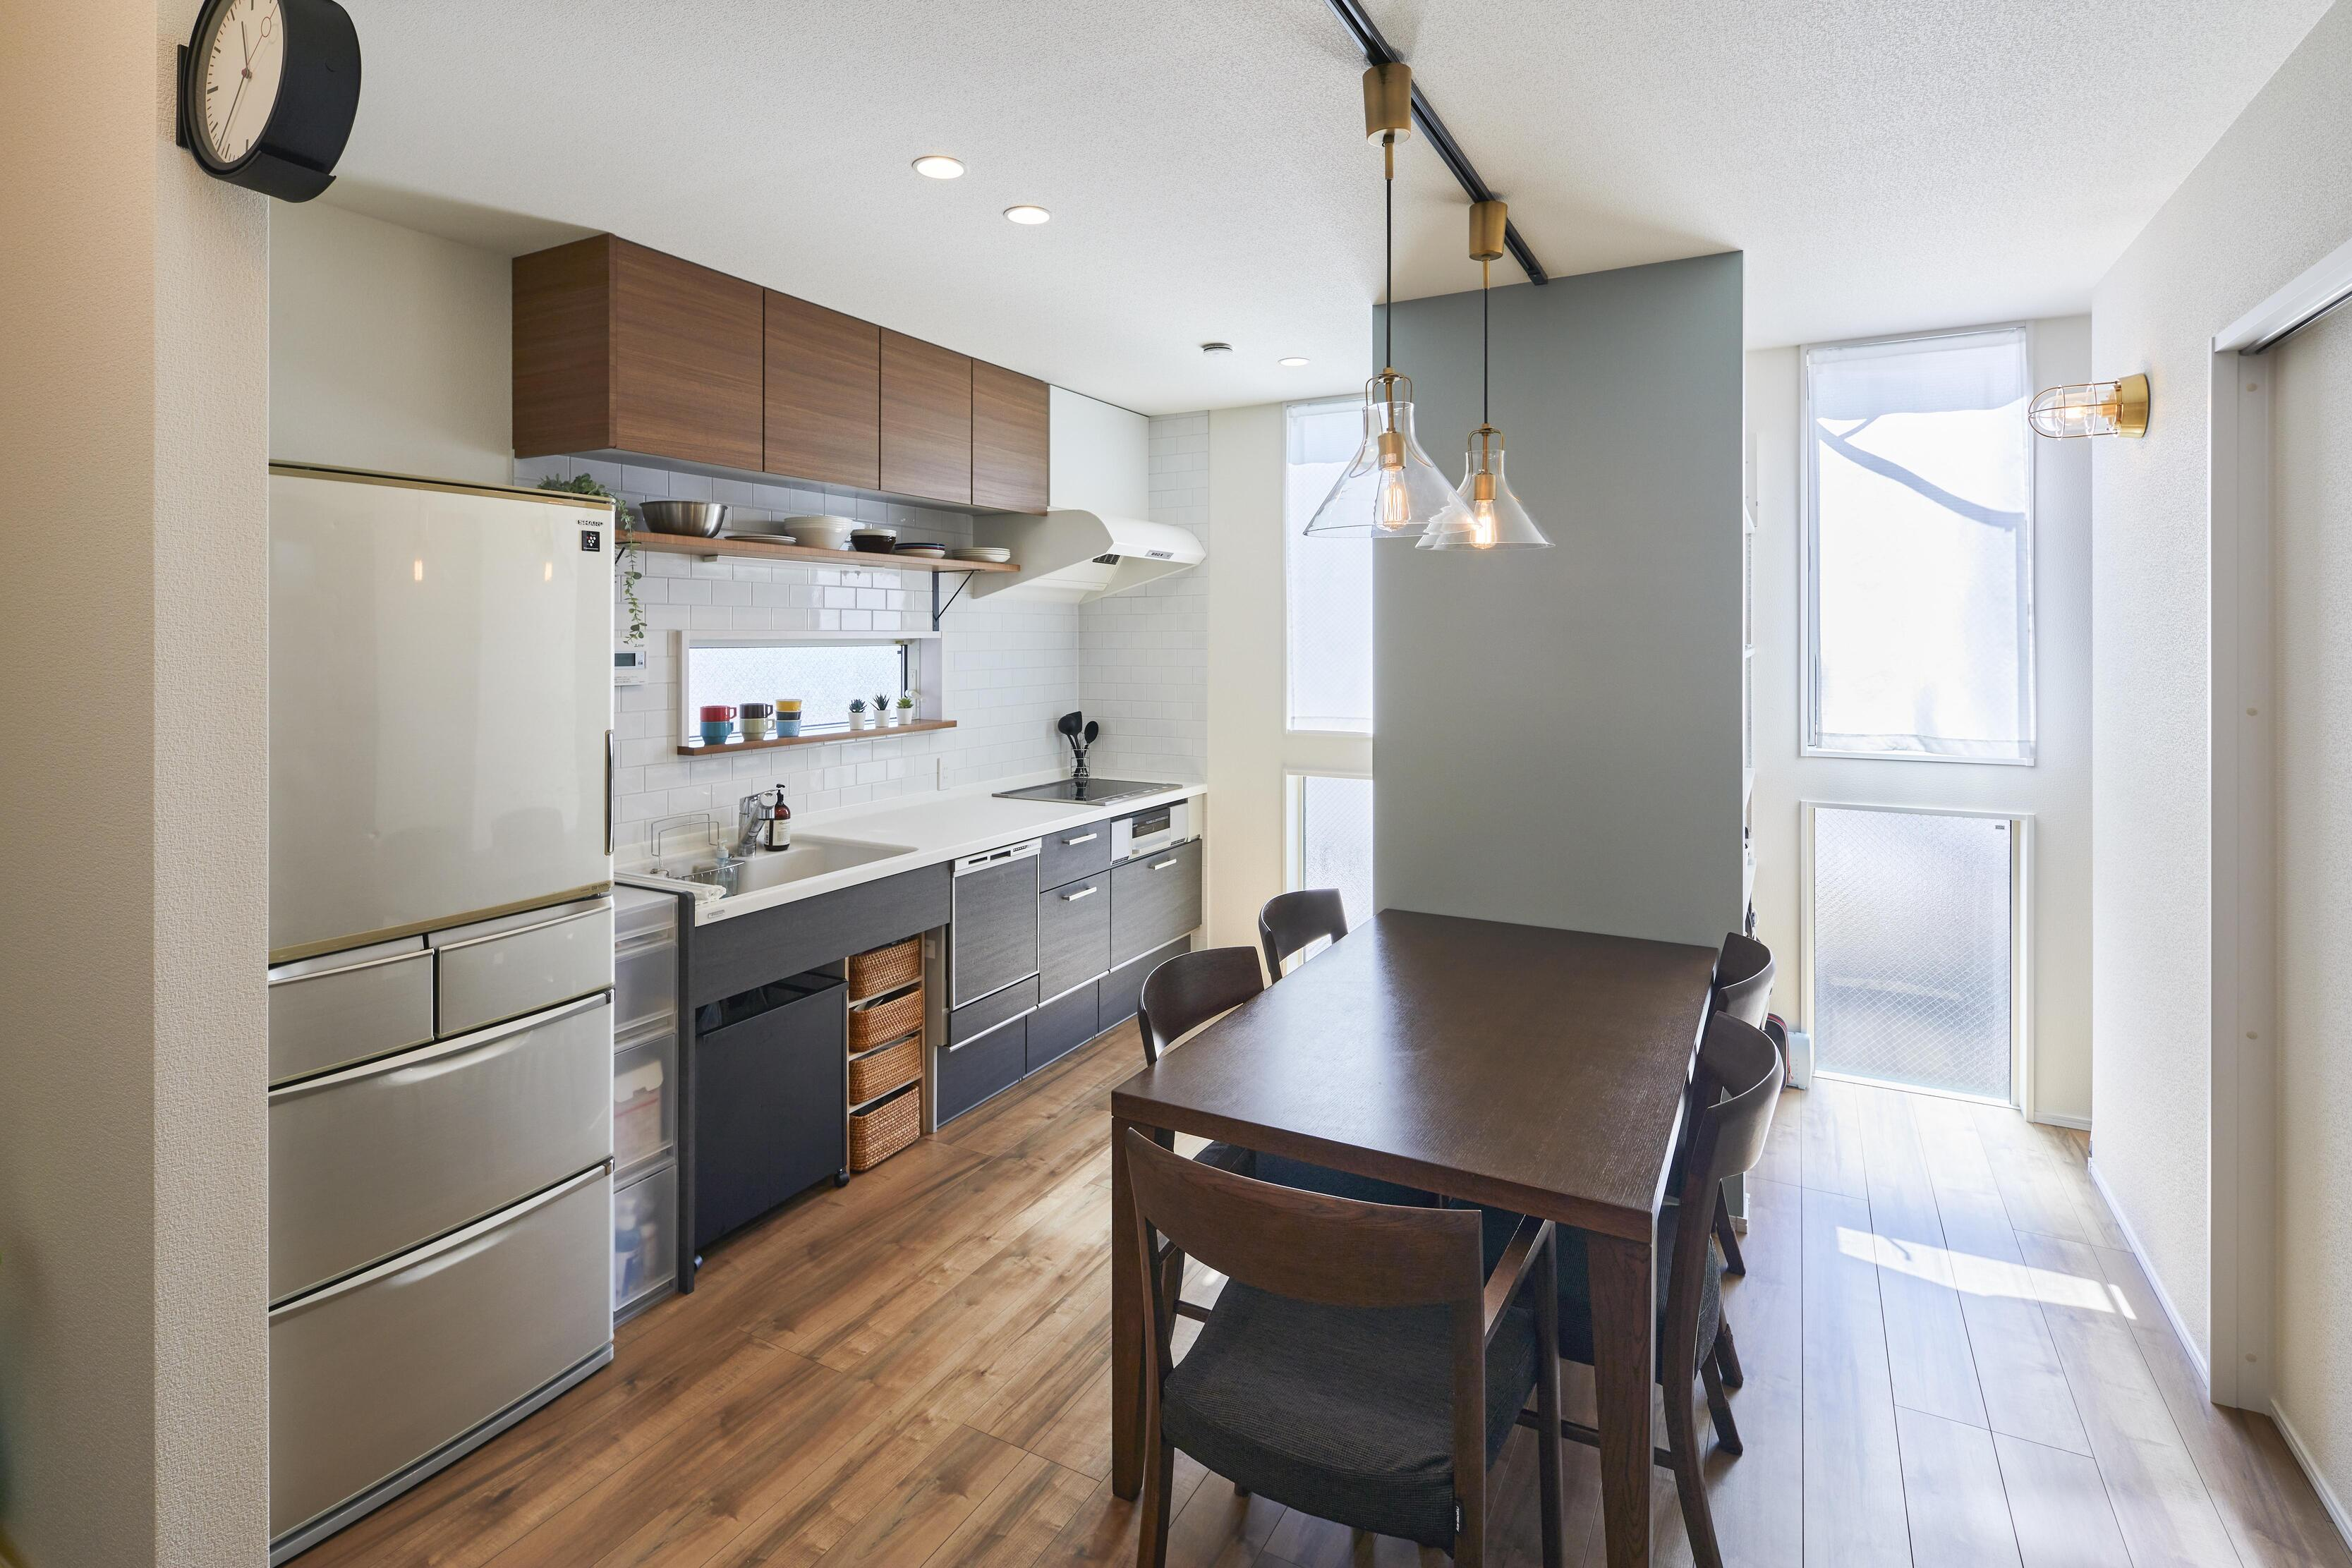 スペースを活かすため壁付けキッチンを採用。窓際には収納も設計している